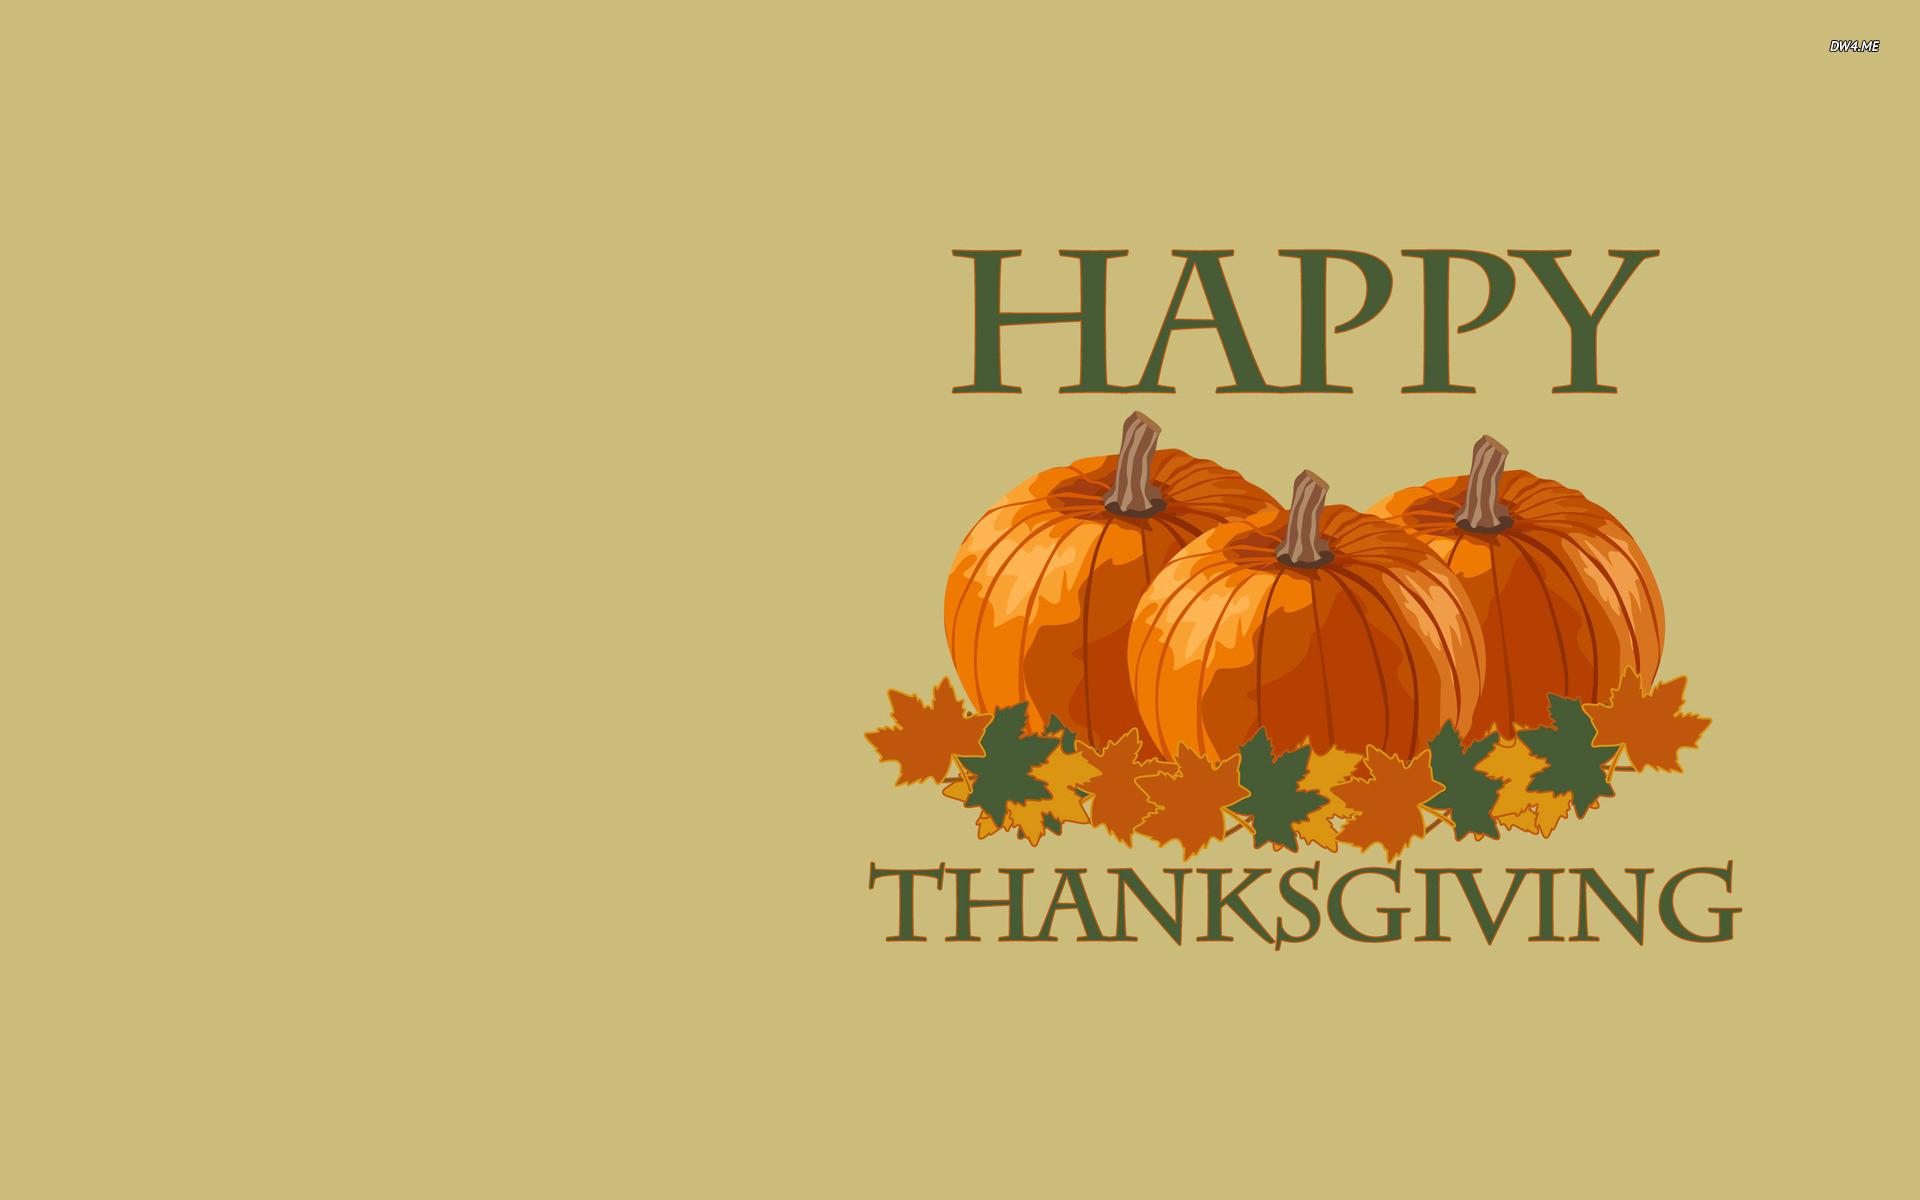 … Thanksgiving Wallpaper 1920 x 1200 – WallpaperSafari